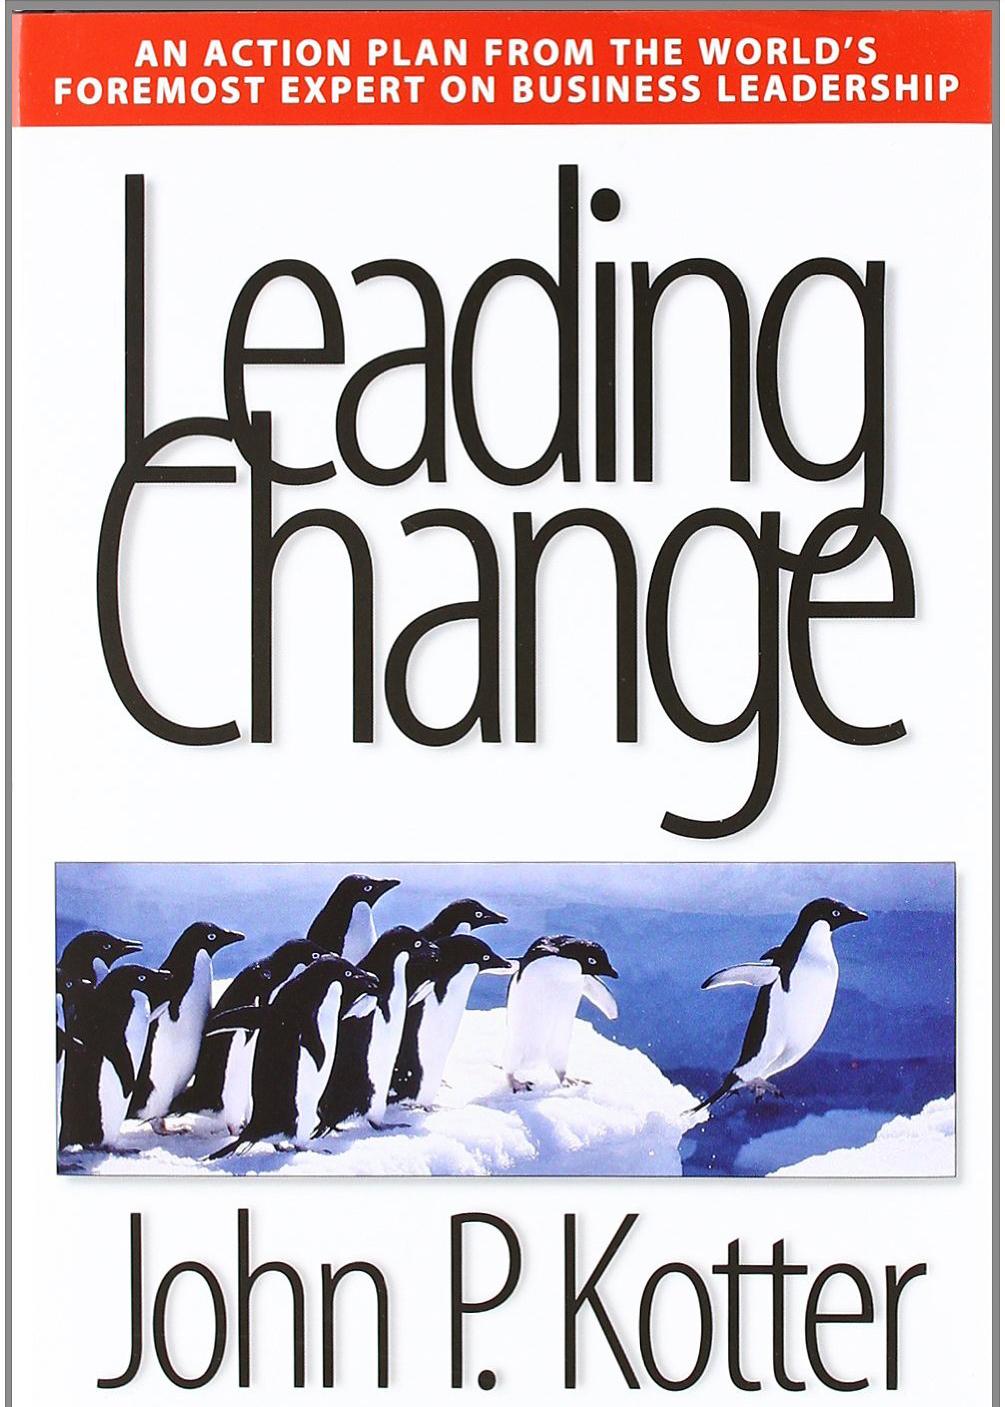 Kotter, John - Leading Change.jpg